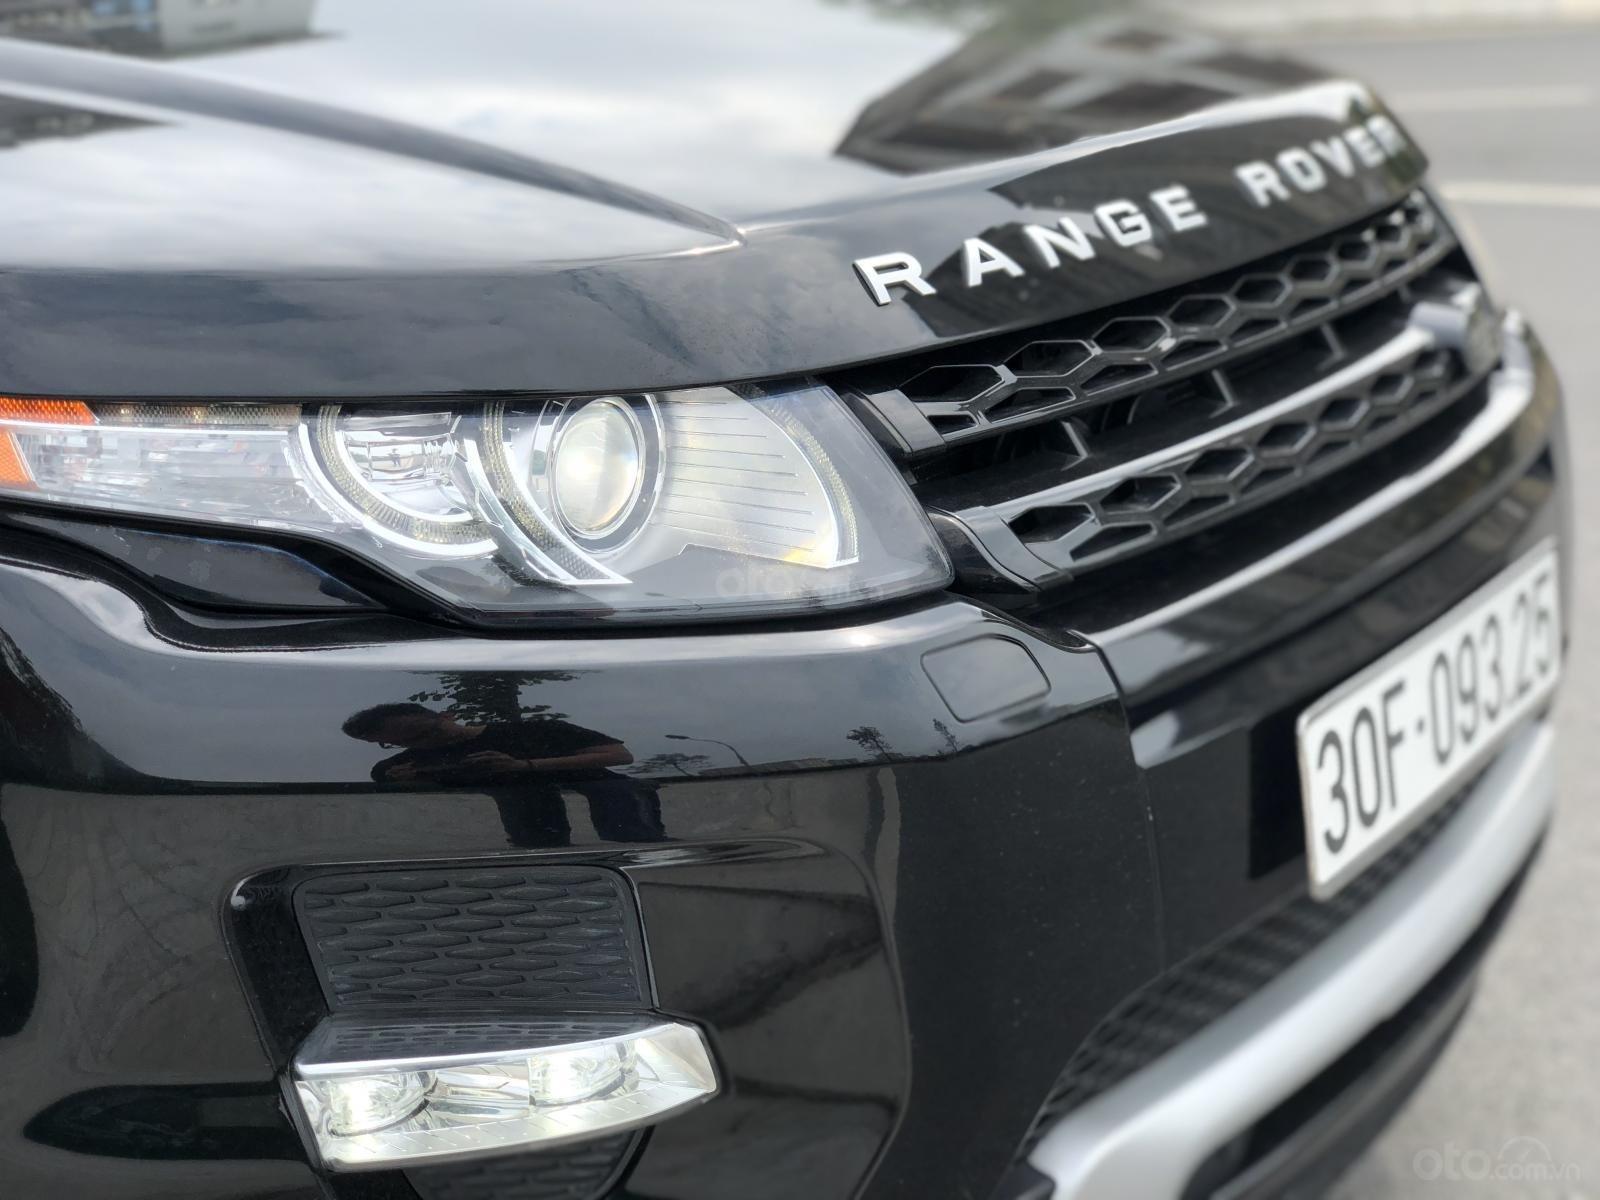 Bán ô tô LandRover Range Rover Evoque năm sản xuất 2014, màu đen, nhập khẩu nguyên chiếc số tự động (2)